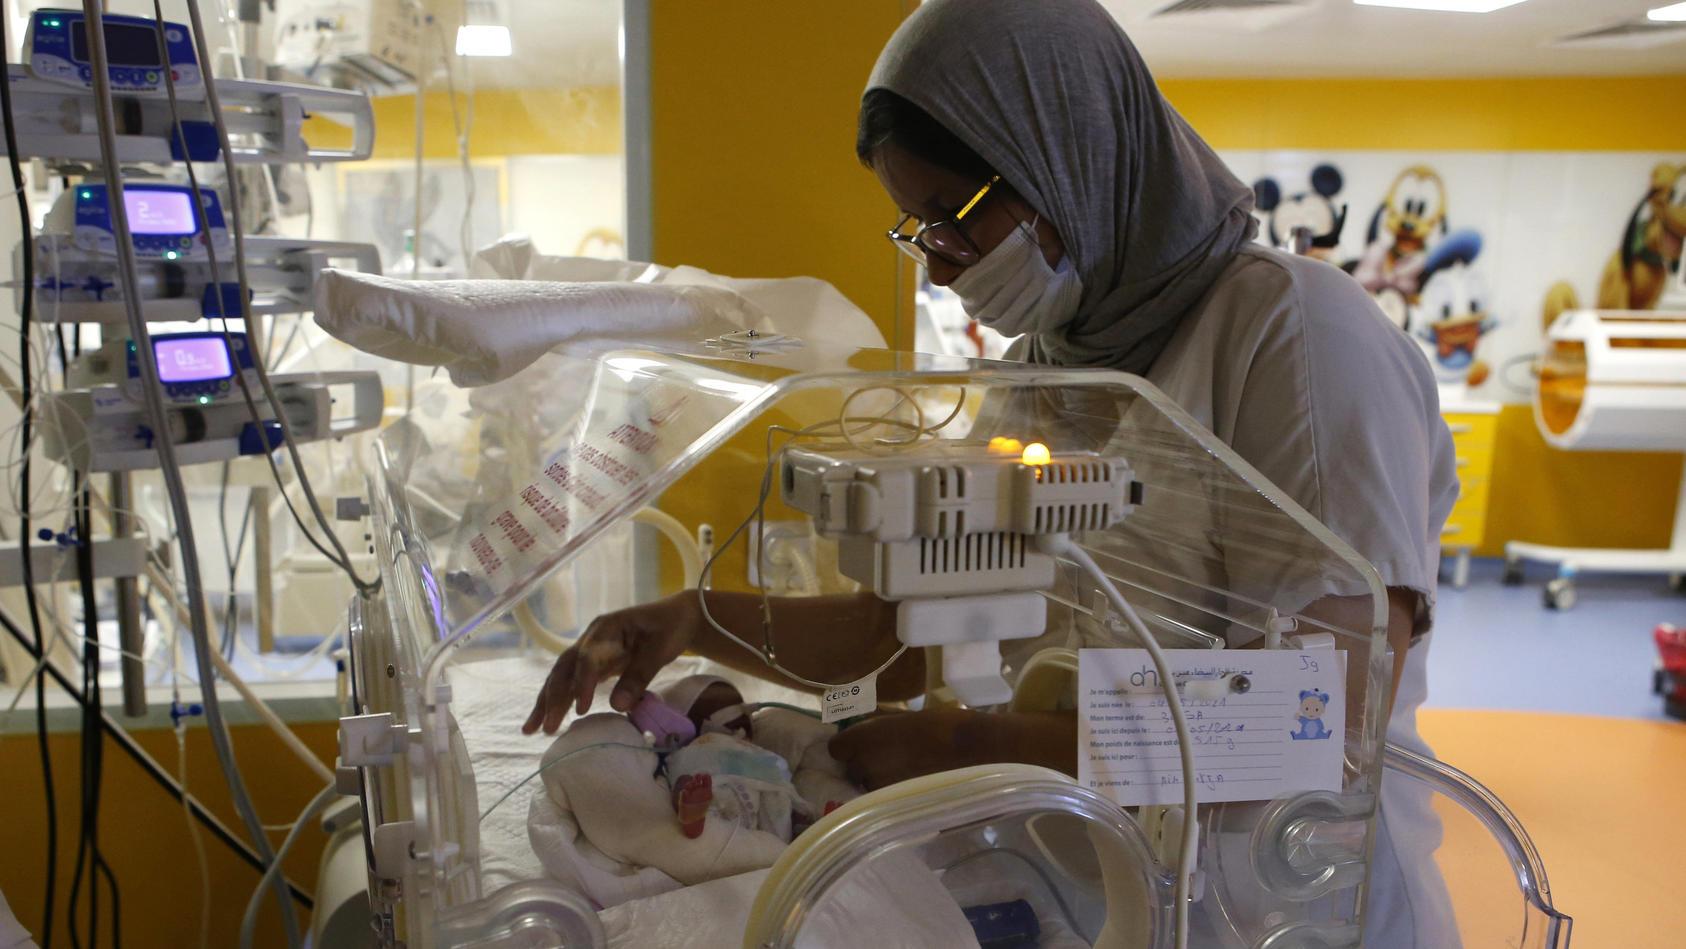 Eins der neun Frühchen wird im Krankenhaus in Marokko von einer Krankenschwester betreut